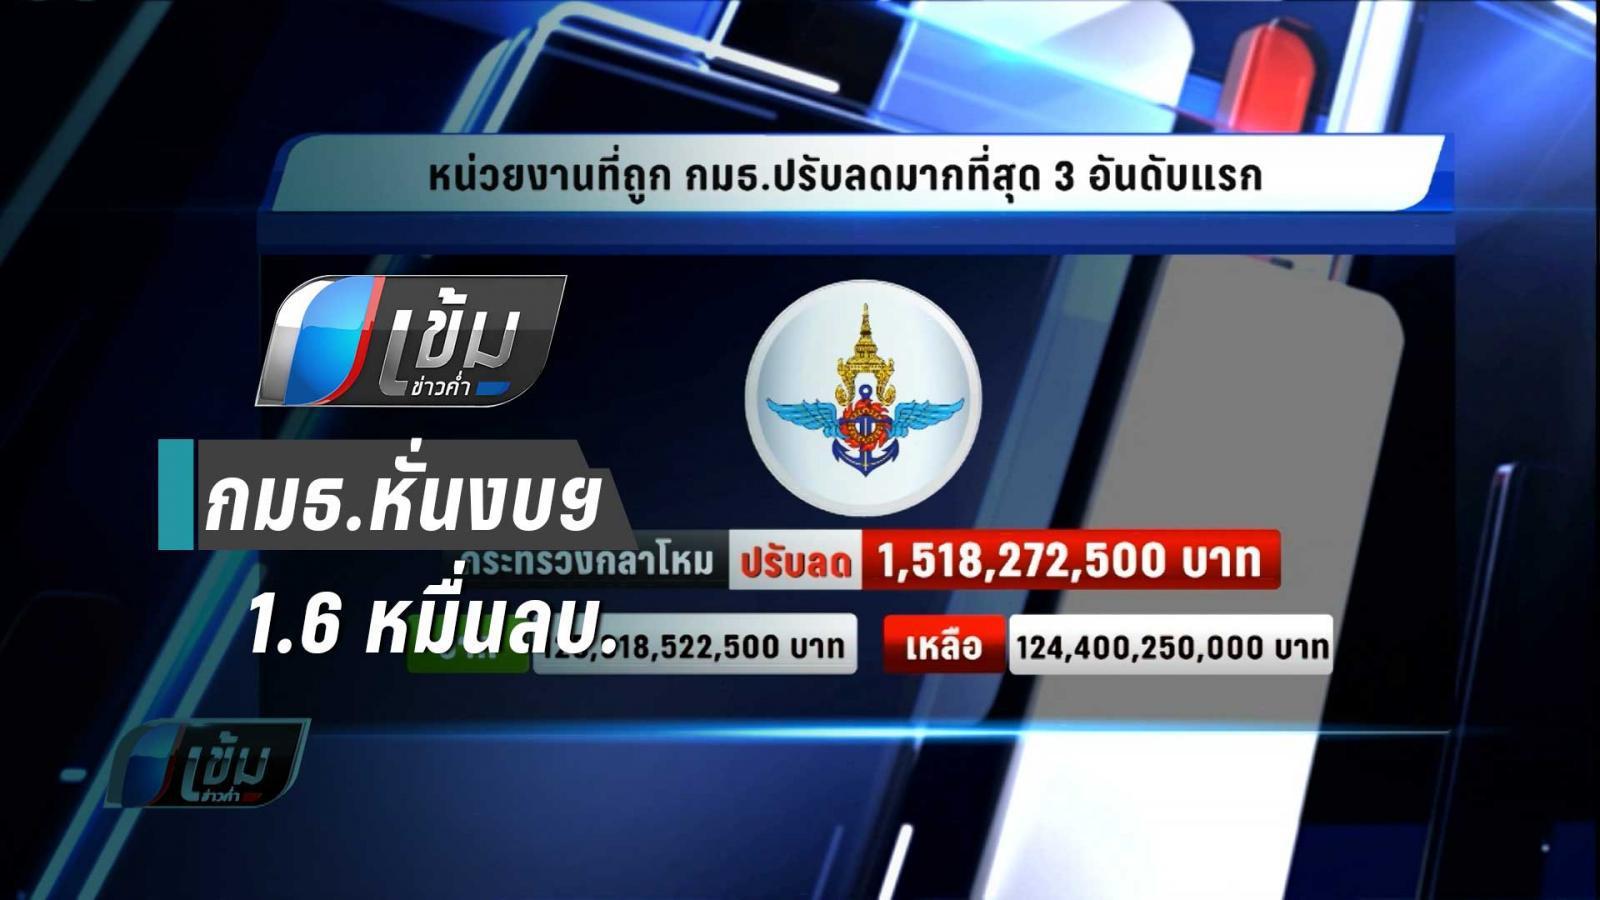 กมธ.วิสามัญฯหั่นงบฯ 1.6 หมื่นล้านบาท กองทัพมากที่สุด